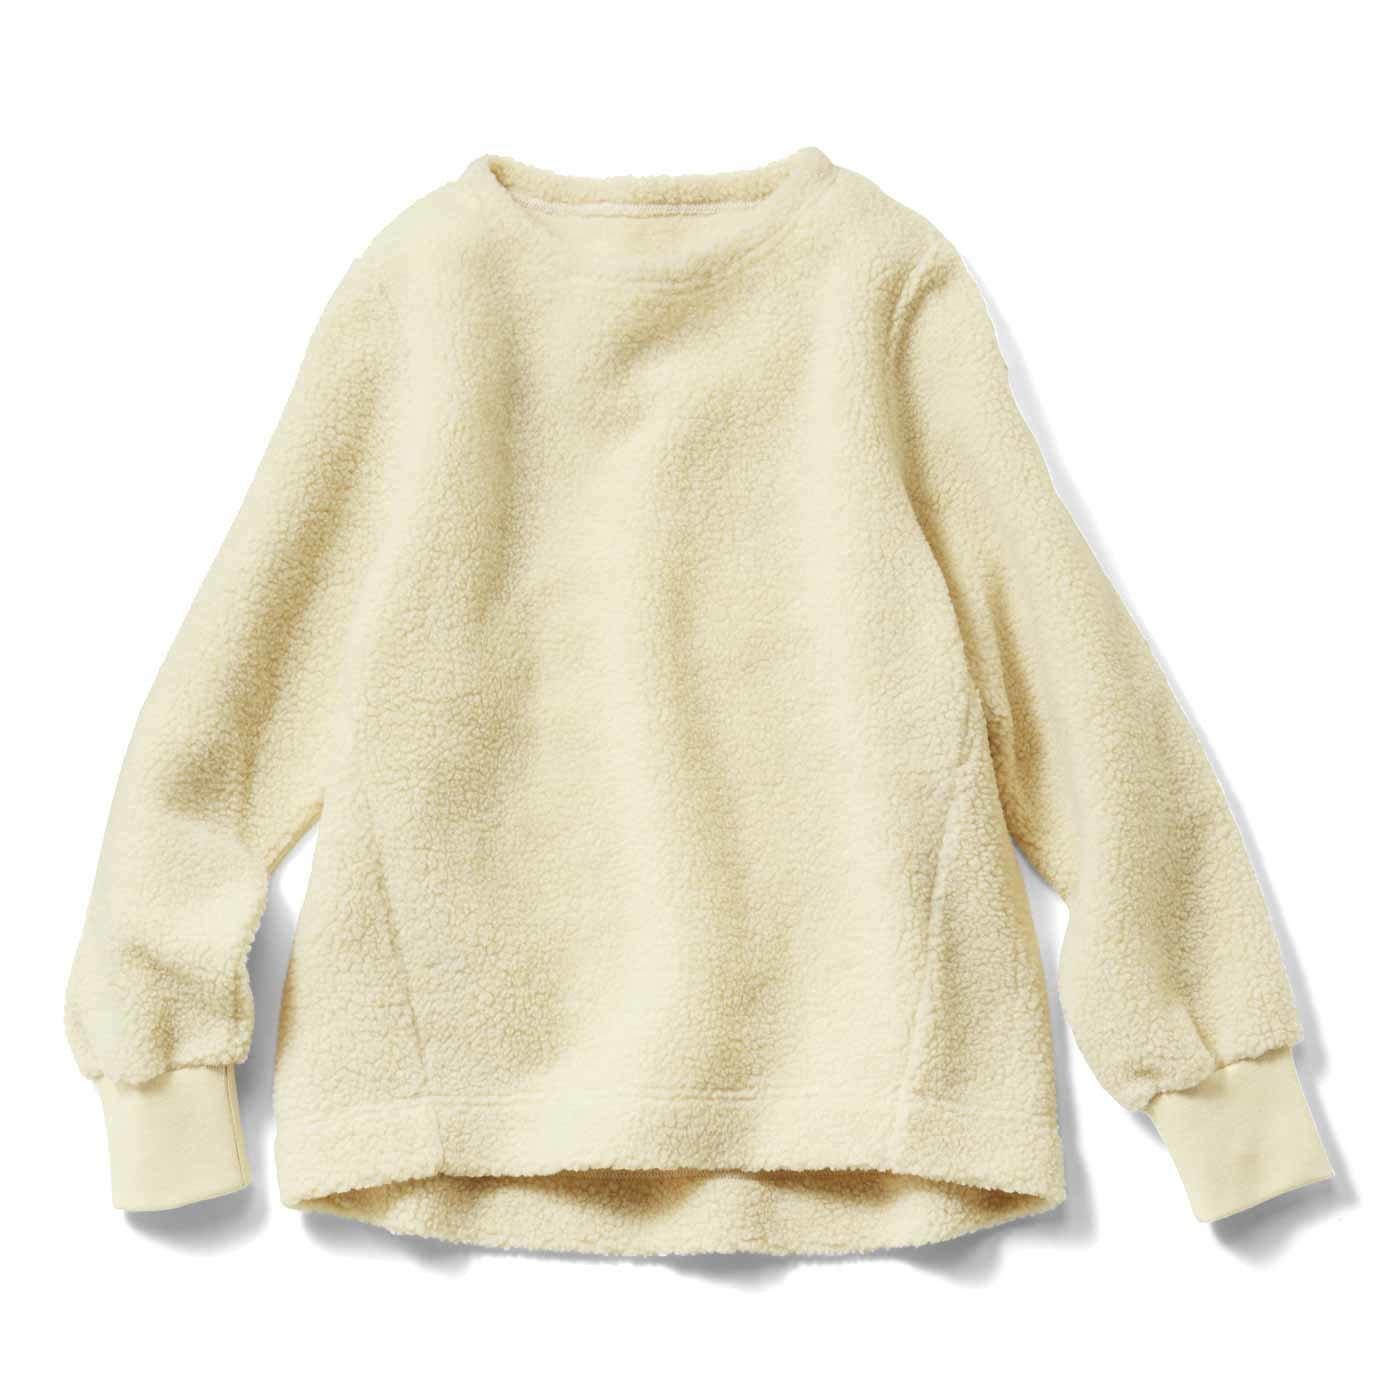 IEDIT[イディット] すっきり着られて暖かい きれいめボアトップス〈アイボリー〉